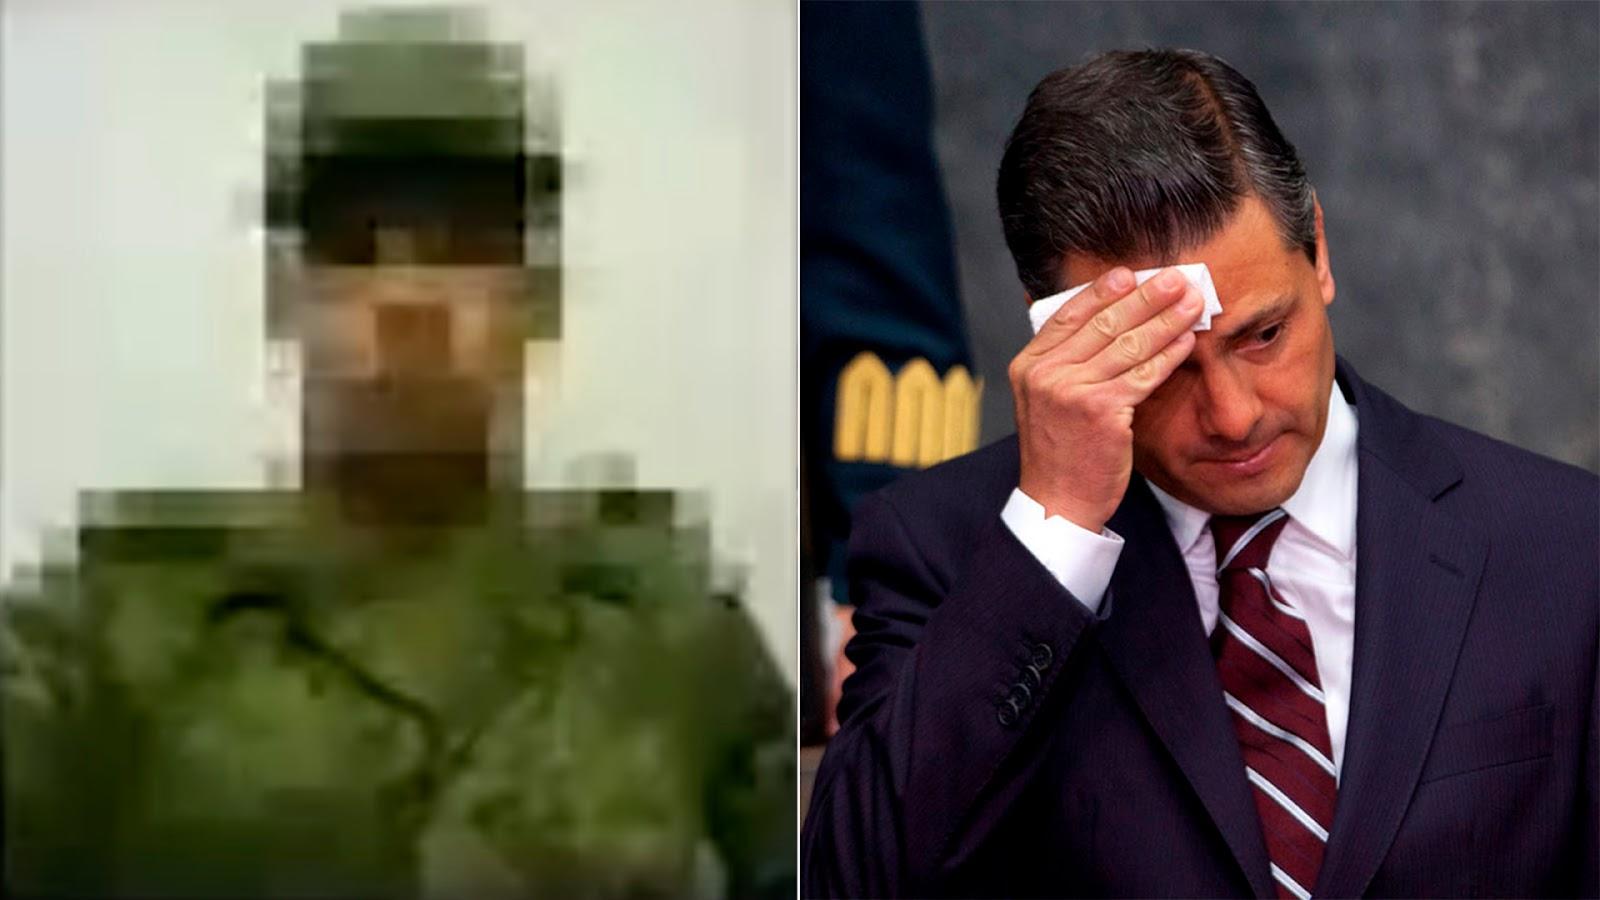 Militar mexicano llama a iniciar una nueva revolución en caso de ocurrir fraude electoral.(VIDEO)